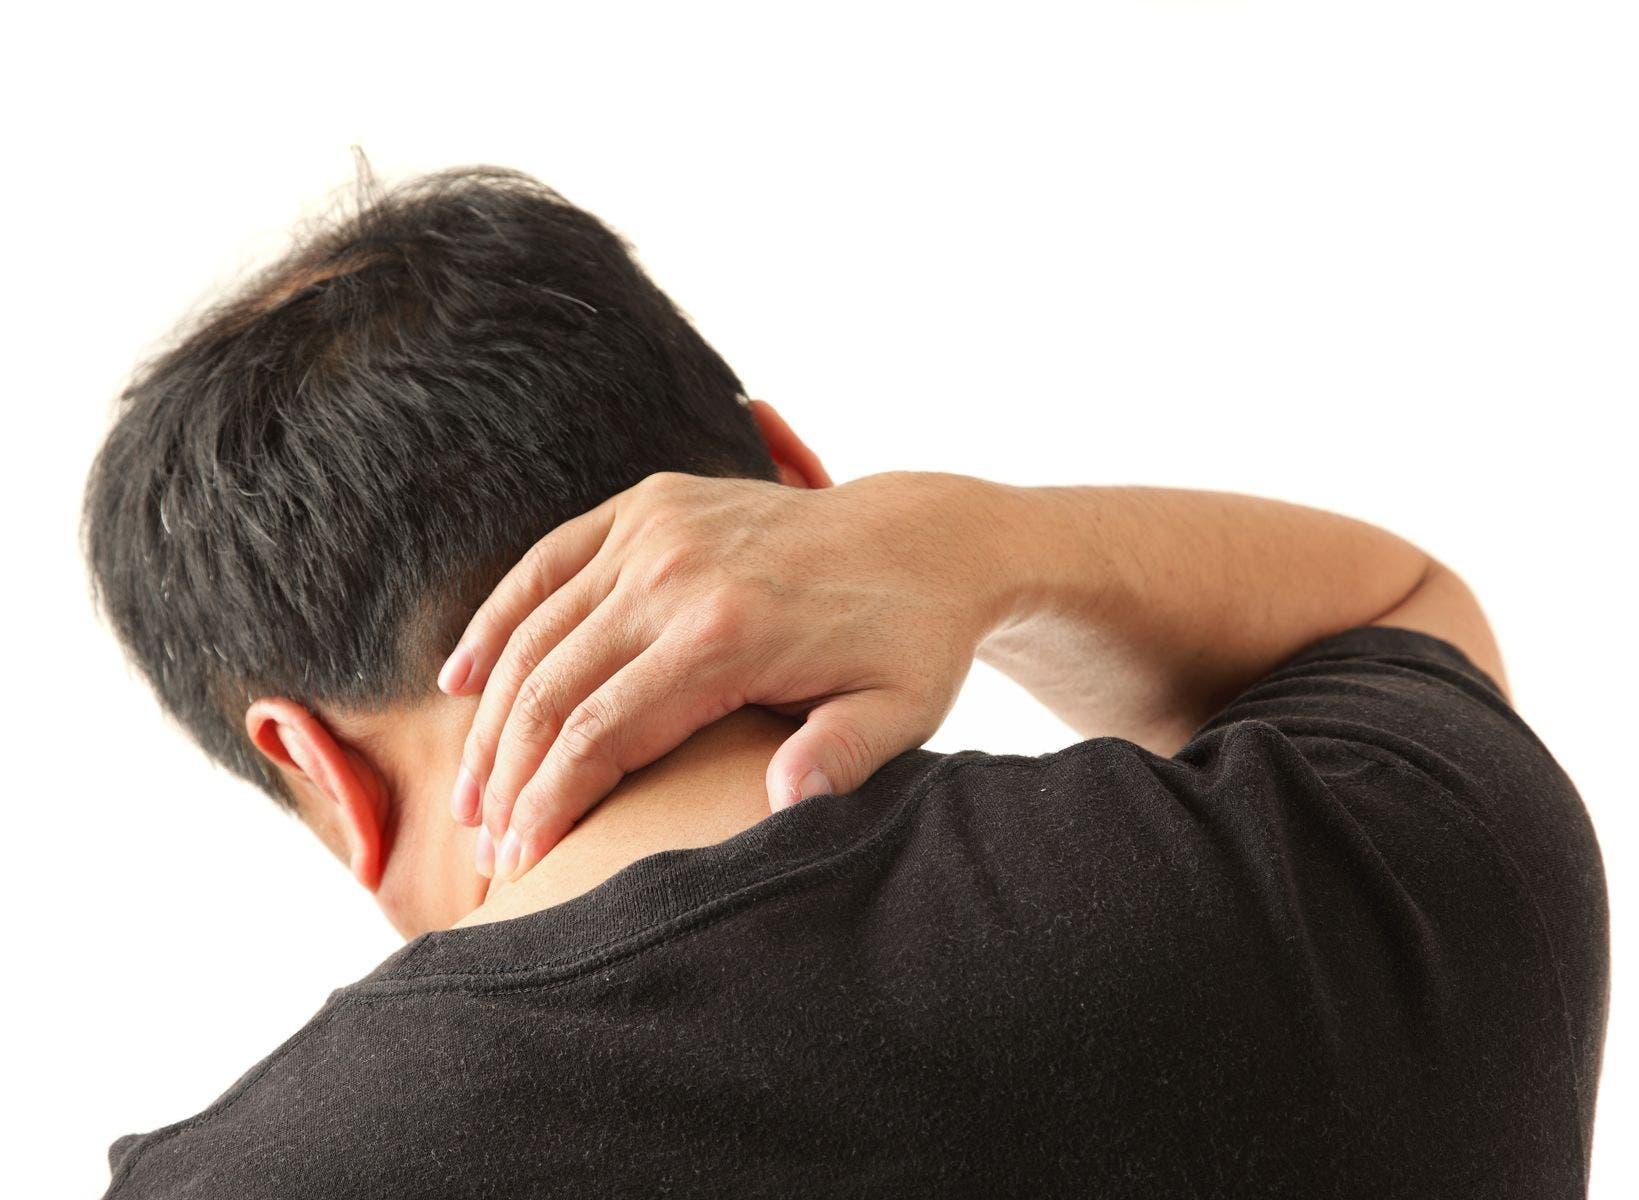 Por qué duele la espalda en los riñones al niño